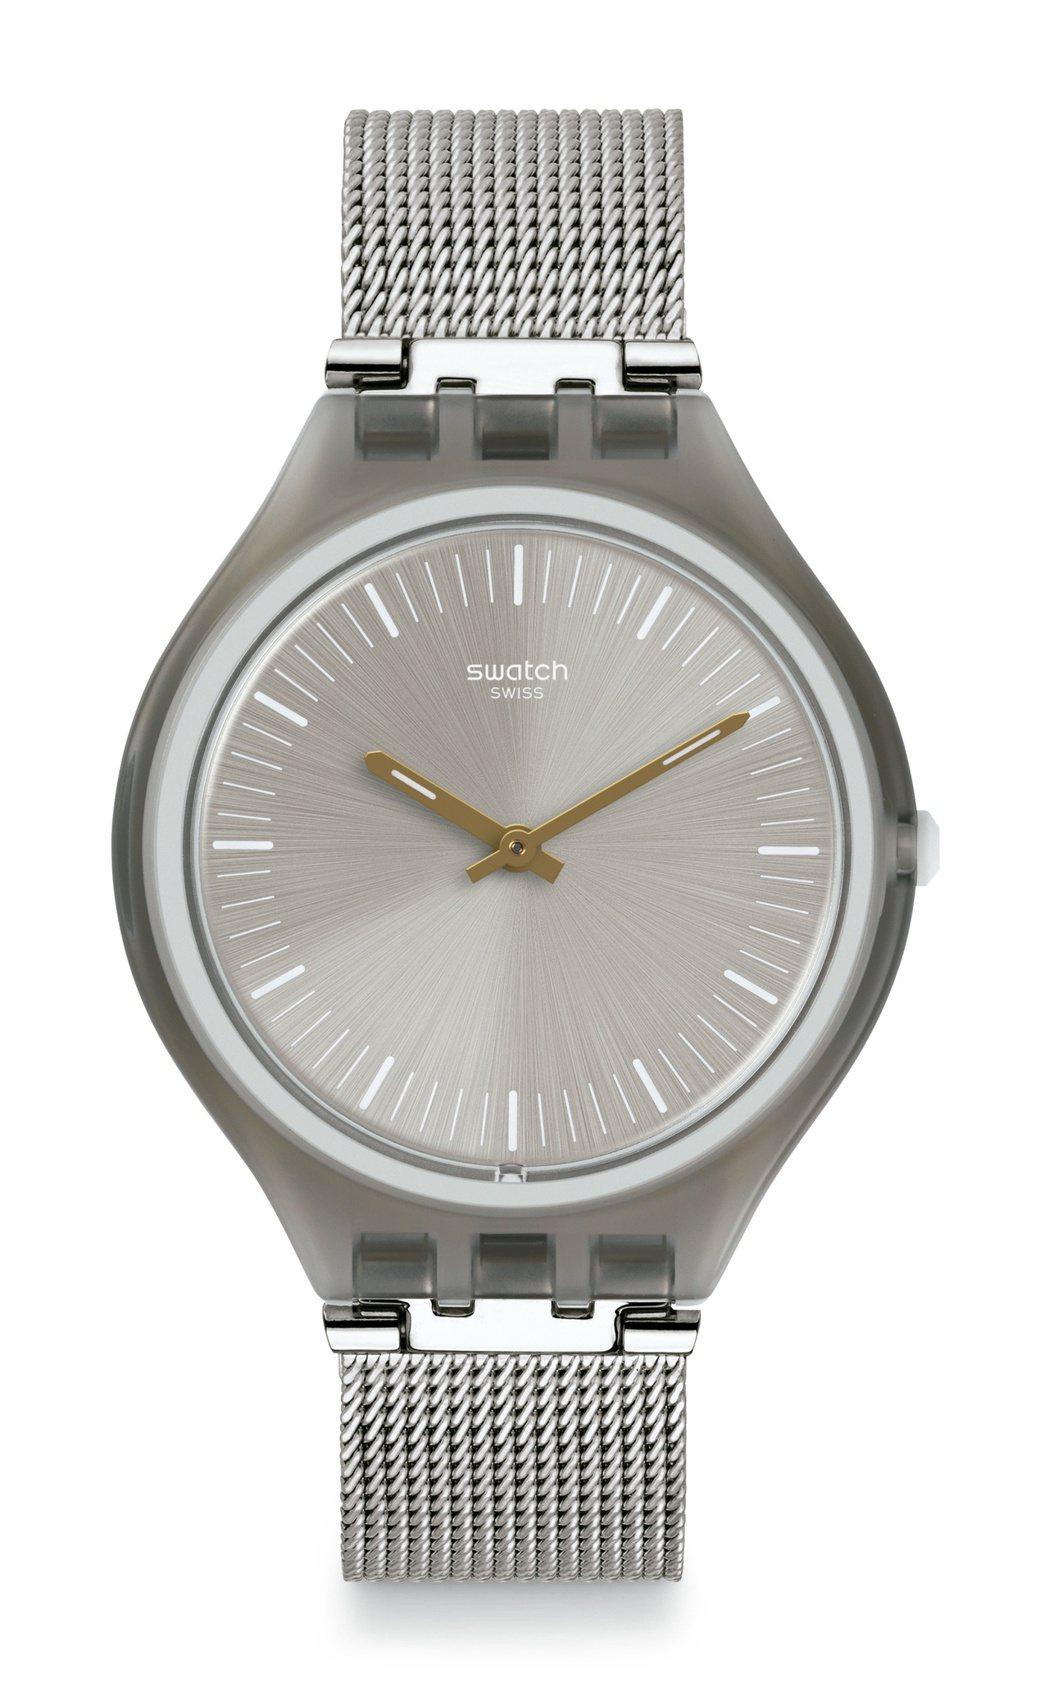 SWATCH時尚米蘭腕表,銀色時尚米蘭帶、灰色表盤,約3,950元。圖/SWAT...